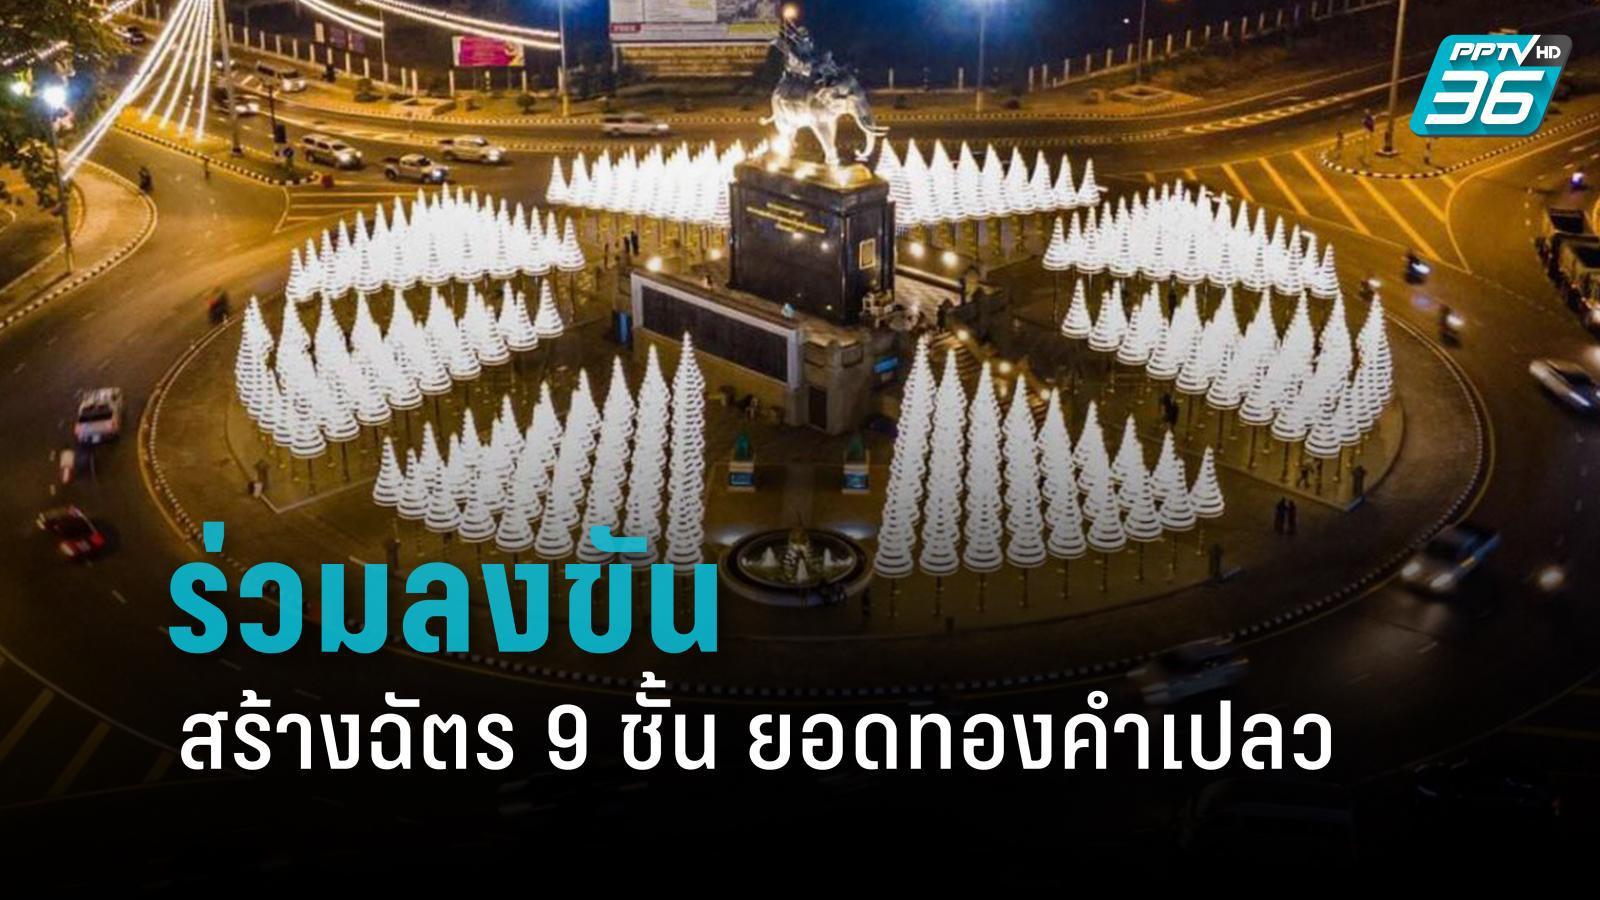 ชาวบุรีรัมย์ ลงขันร่วมสร้างฉัตร 9 ชั้น ยอดทองคำเปลว 360 ต้น ถวายพระบรมราชานุสาวรีย์ ร.1